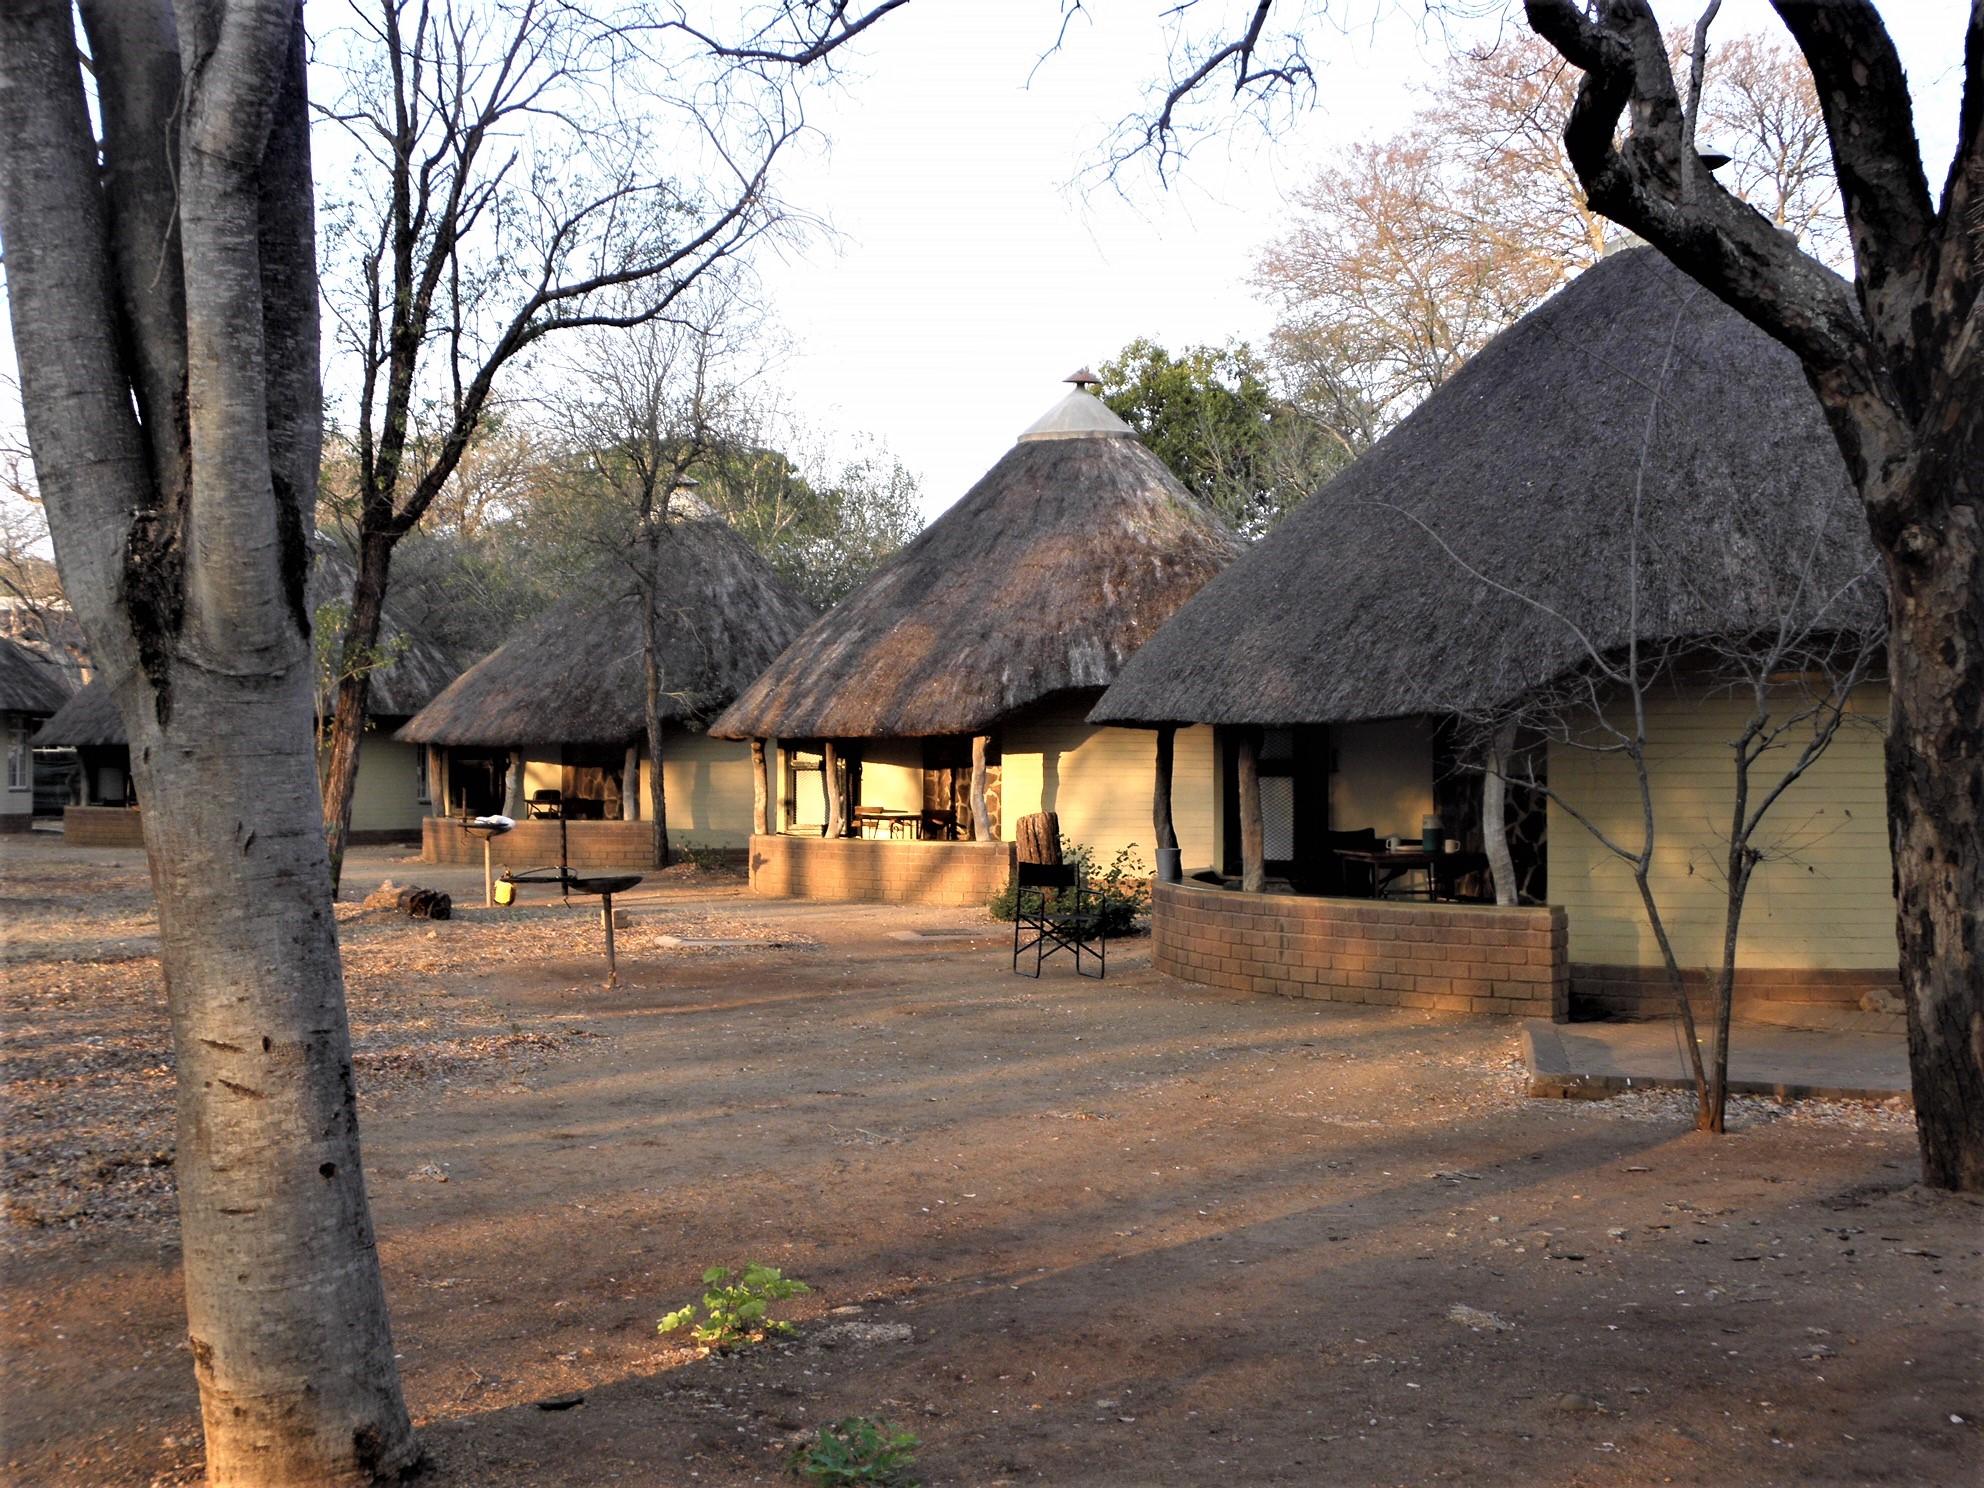 krugerpark, satara restcamp in krugerpark, zuid afrika van verreOvernachten In Het Krugerpark.htm #14